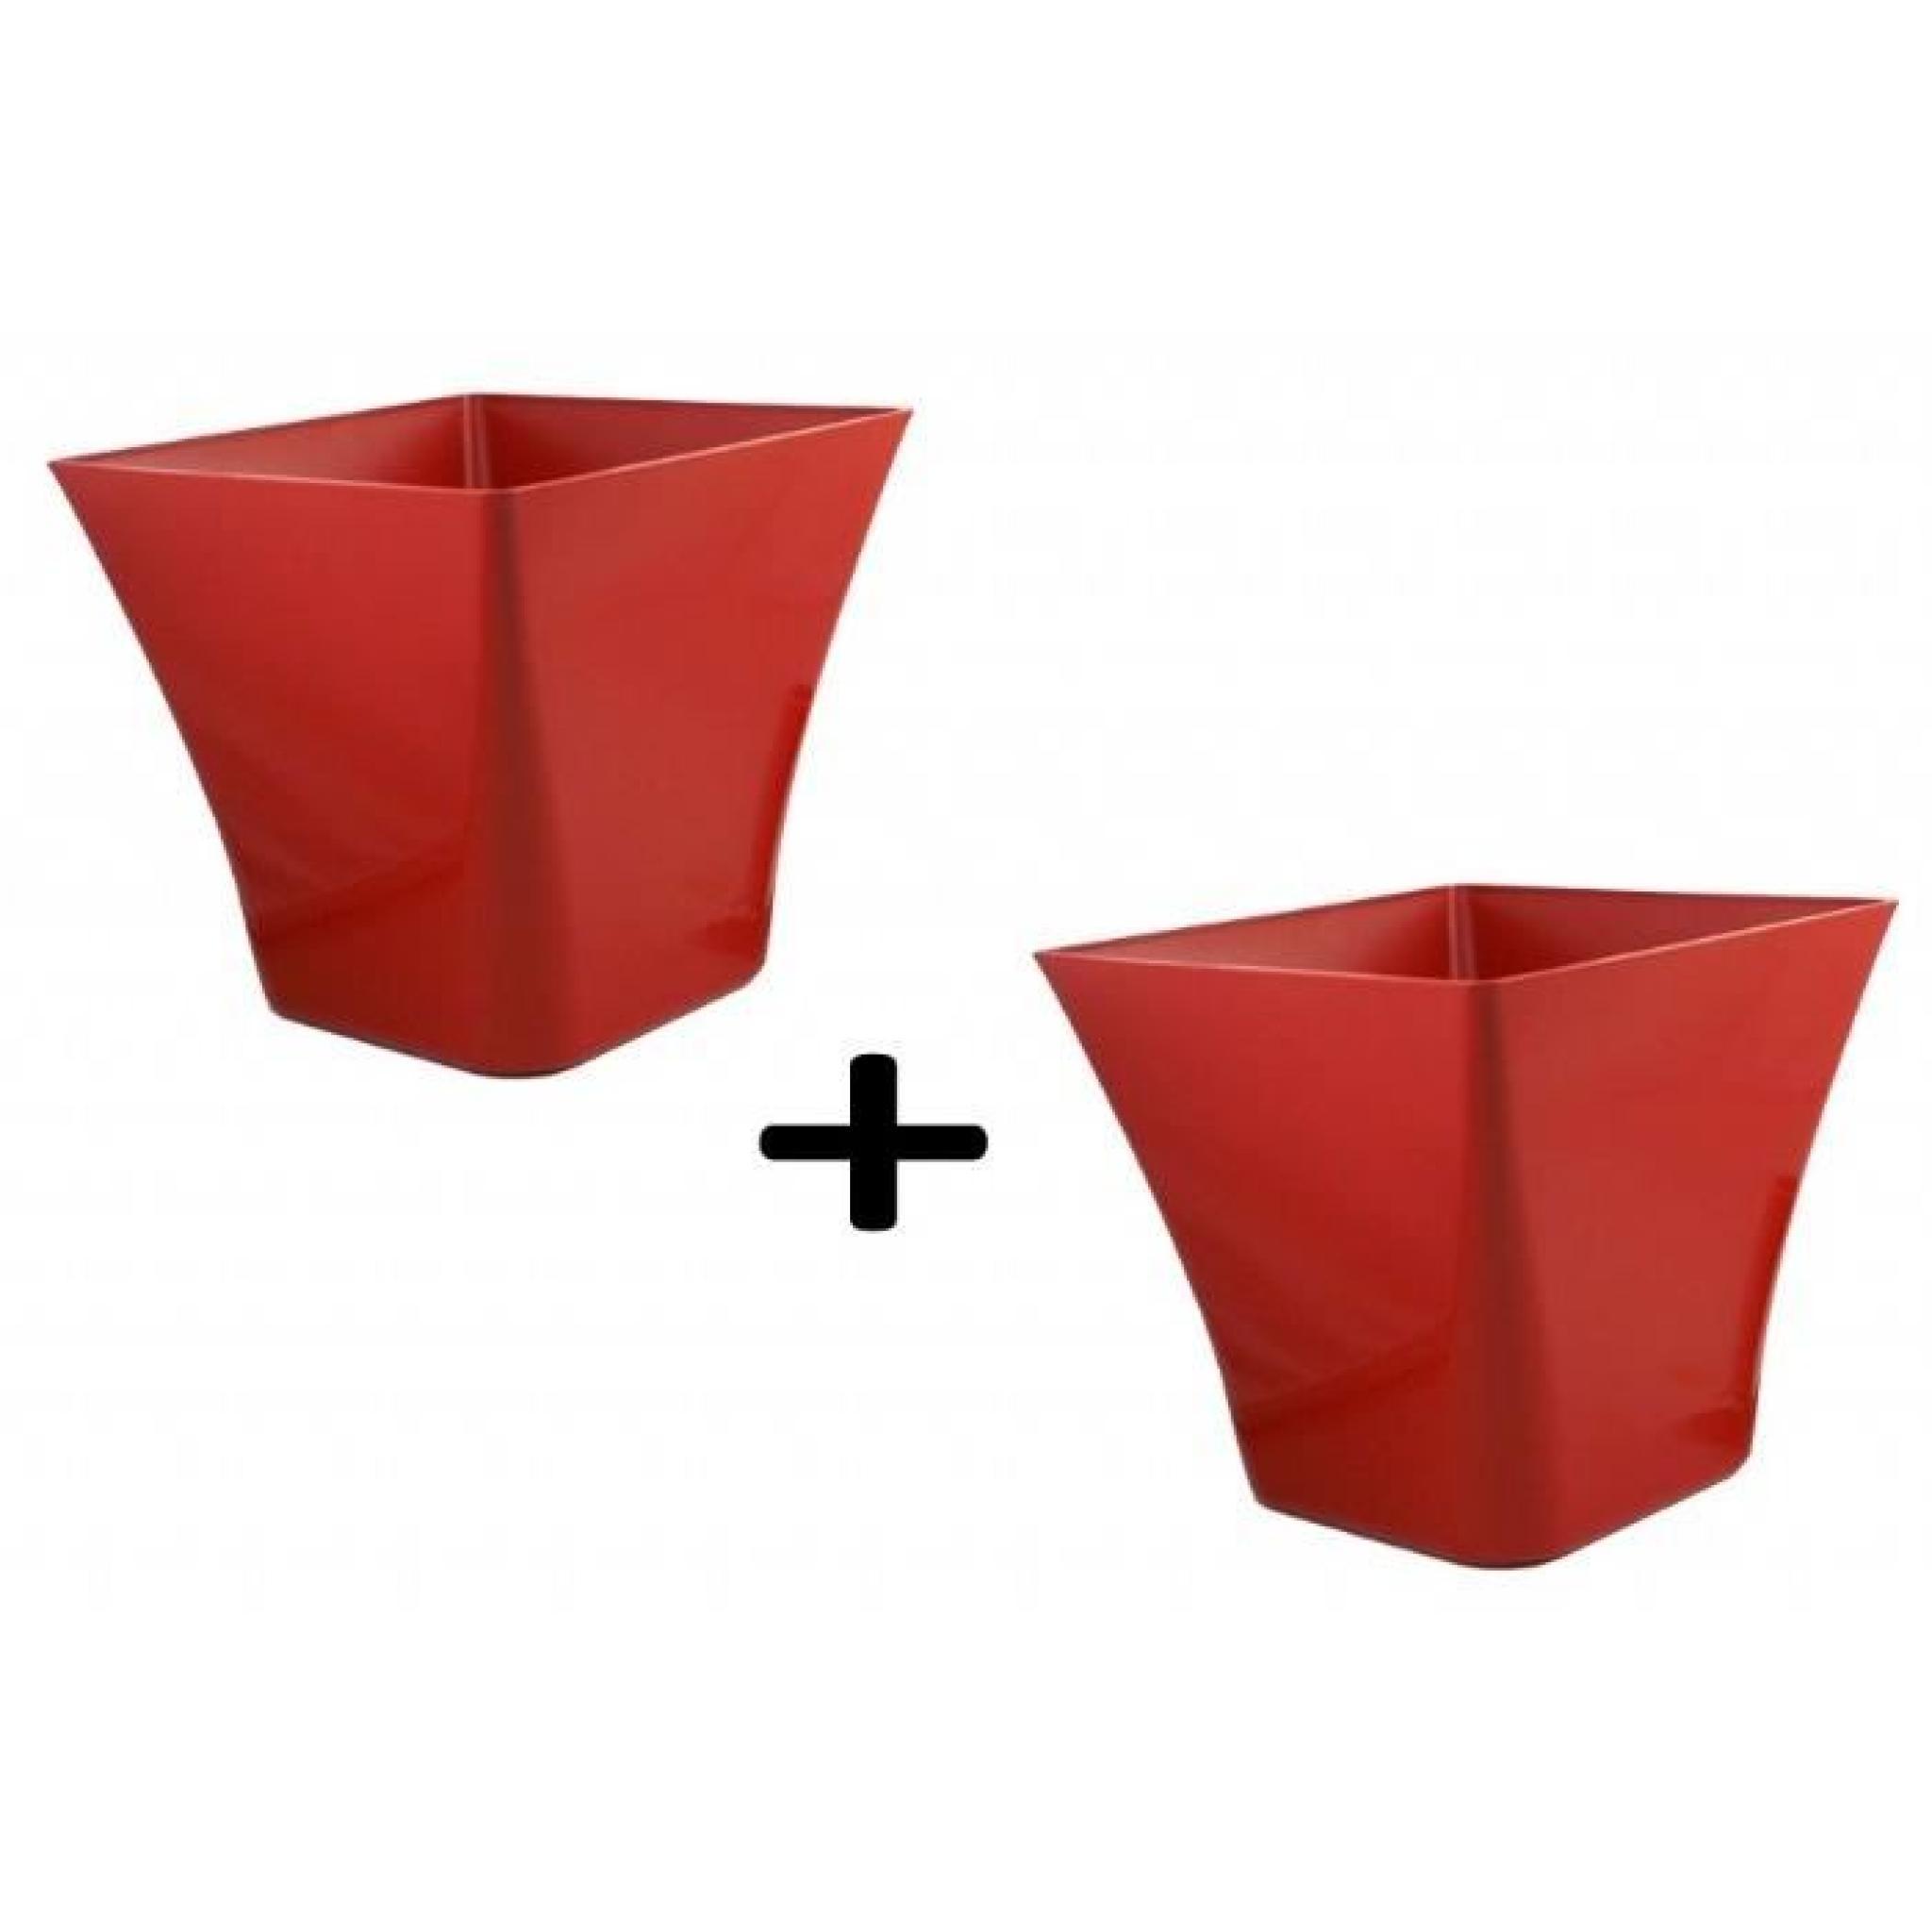 Pot laurea carre 19x19x17 chapelu rouge lot de 2 achat - Pot de fleur carre ...